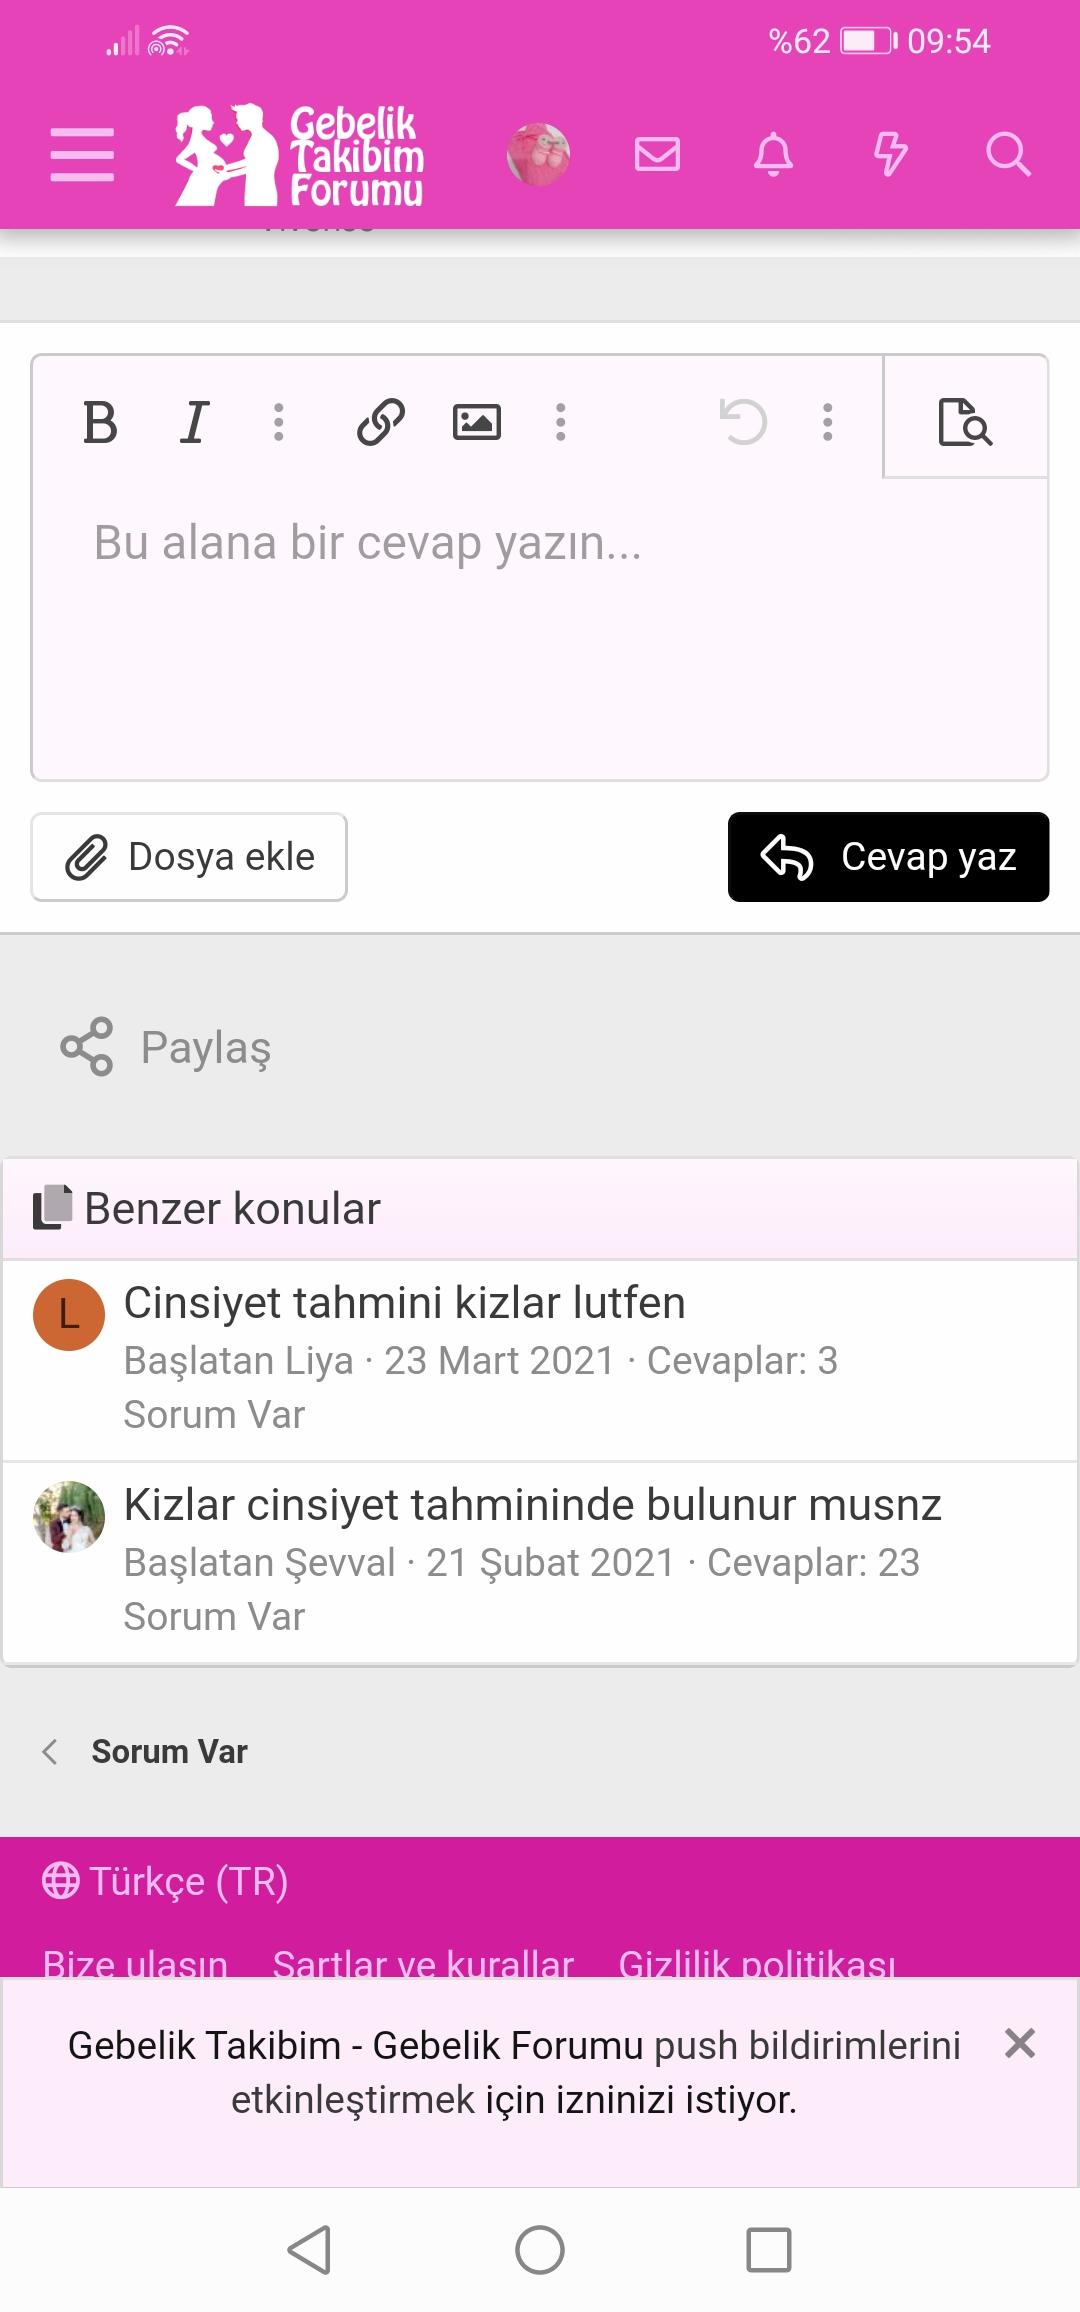 Screenshot_20210410_095419_com.android.chrome.jpg